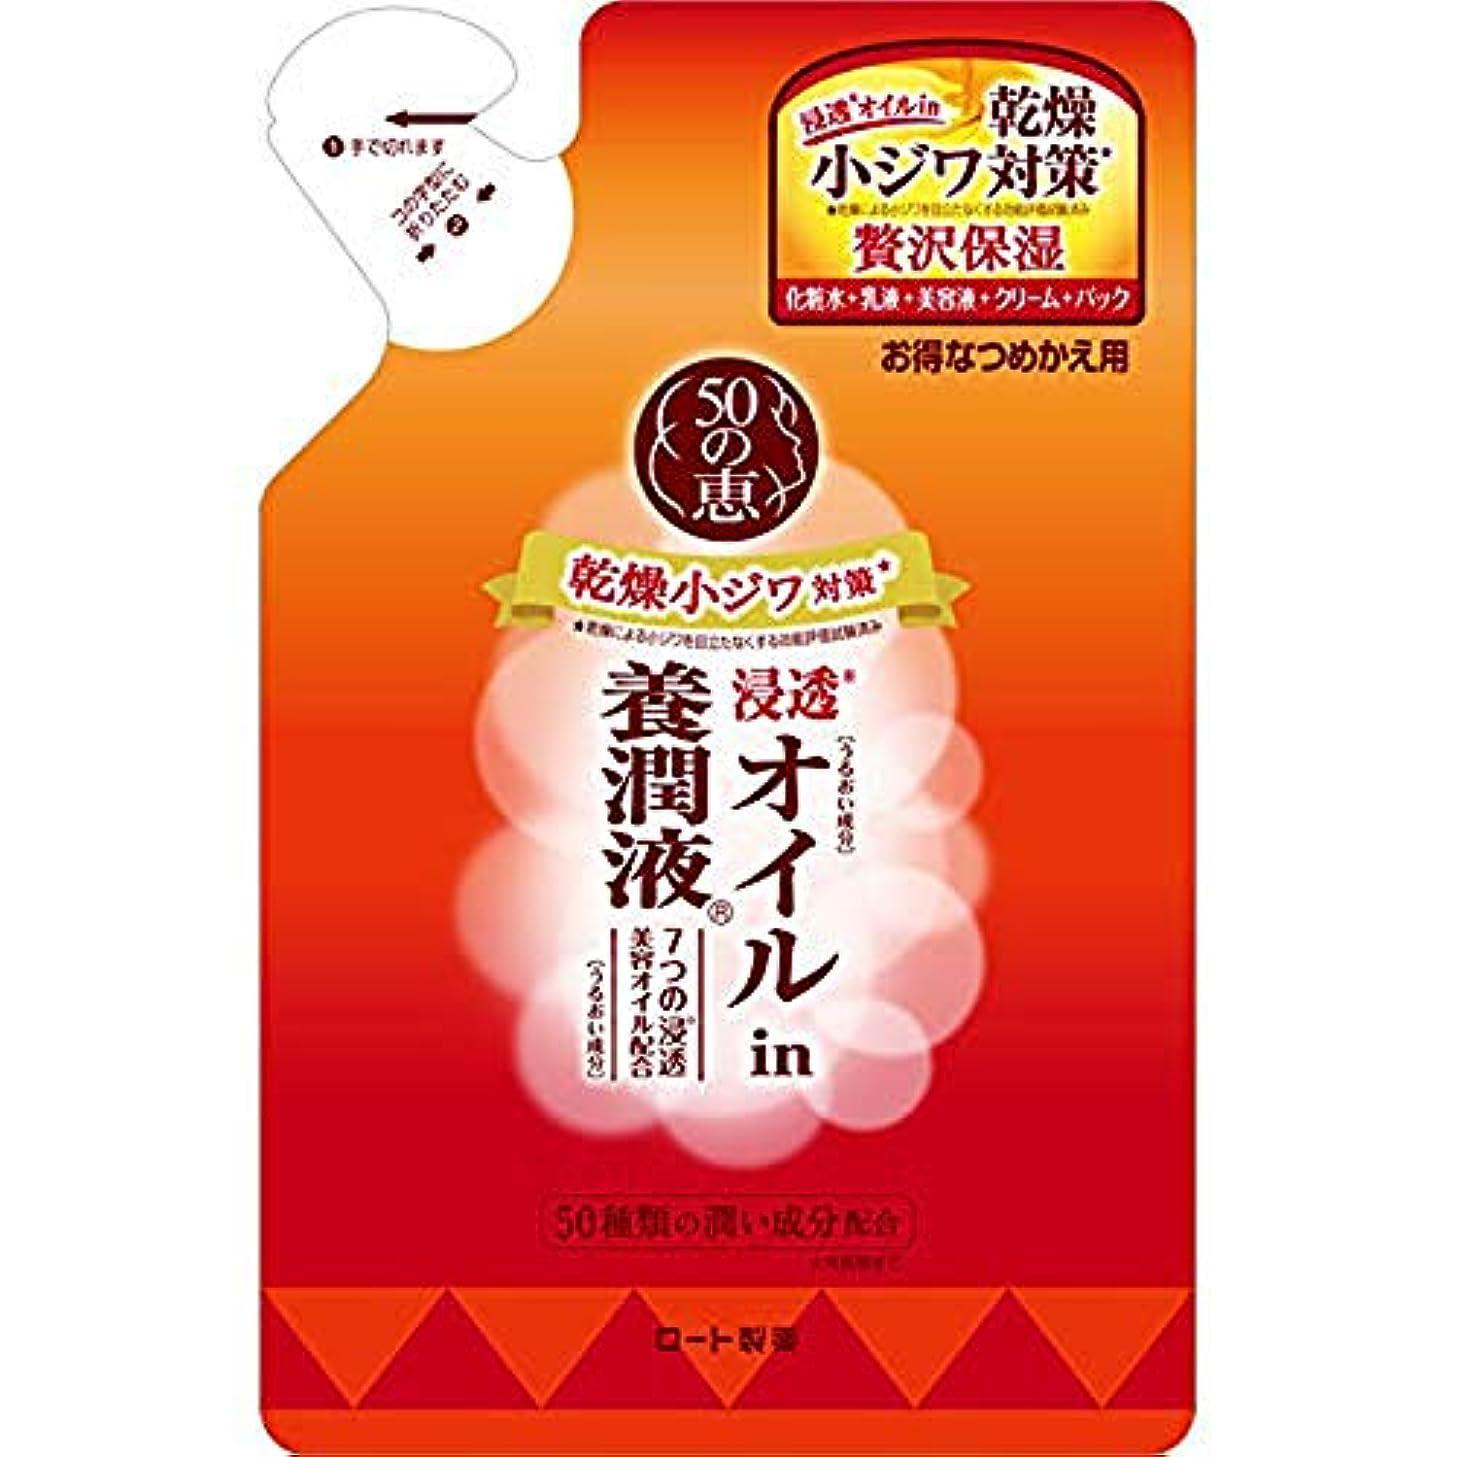 スマートる尽きるロート製薬 50の恵 オイルin養潤液 つめかえ用 美容液 オリーブシトラス 200mL